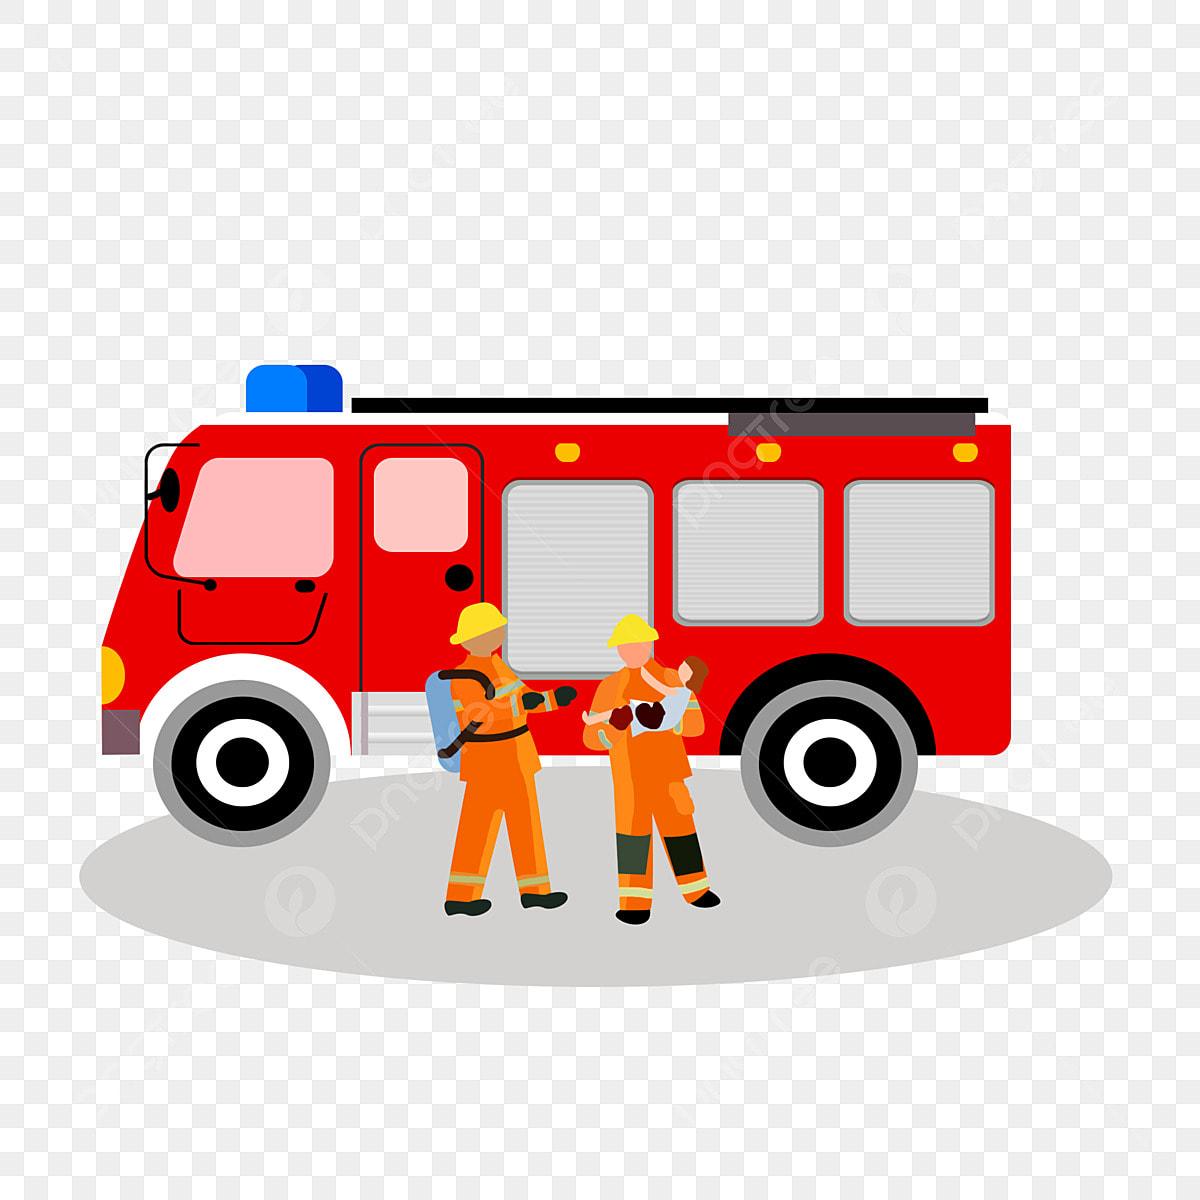 Gambar Vektor Truk Pemadam Kebakaran Kartun Yang Digambar Tangan Clipart Mobil Polisi Mobil Polisi Kartun Ambulans Kartun Png Transparan Clipart Dan File Psd Untuk Unduh Gratis